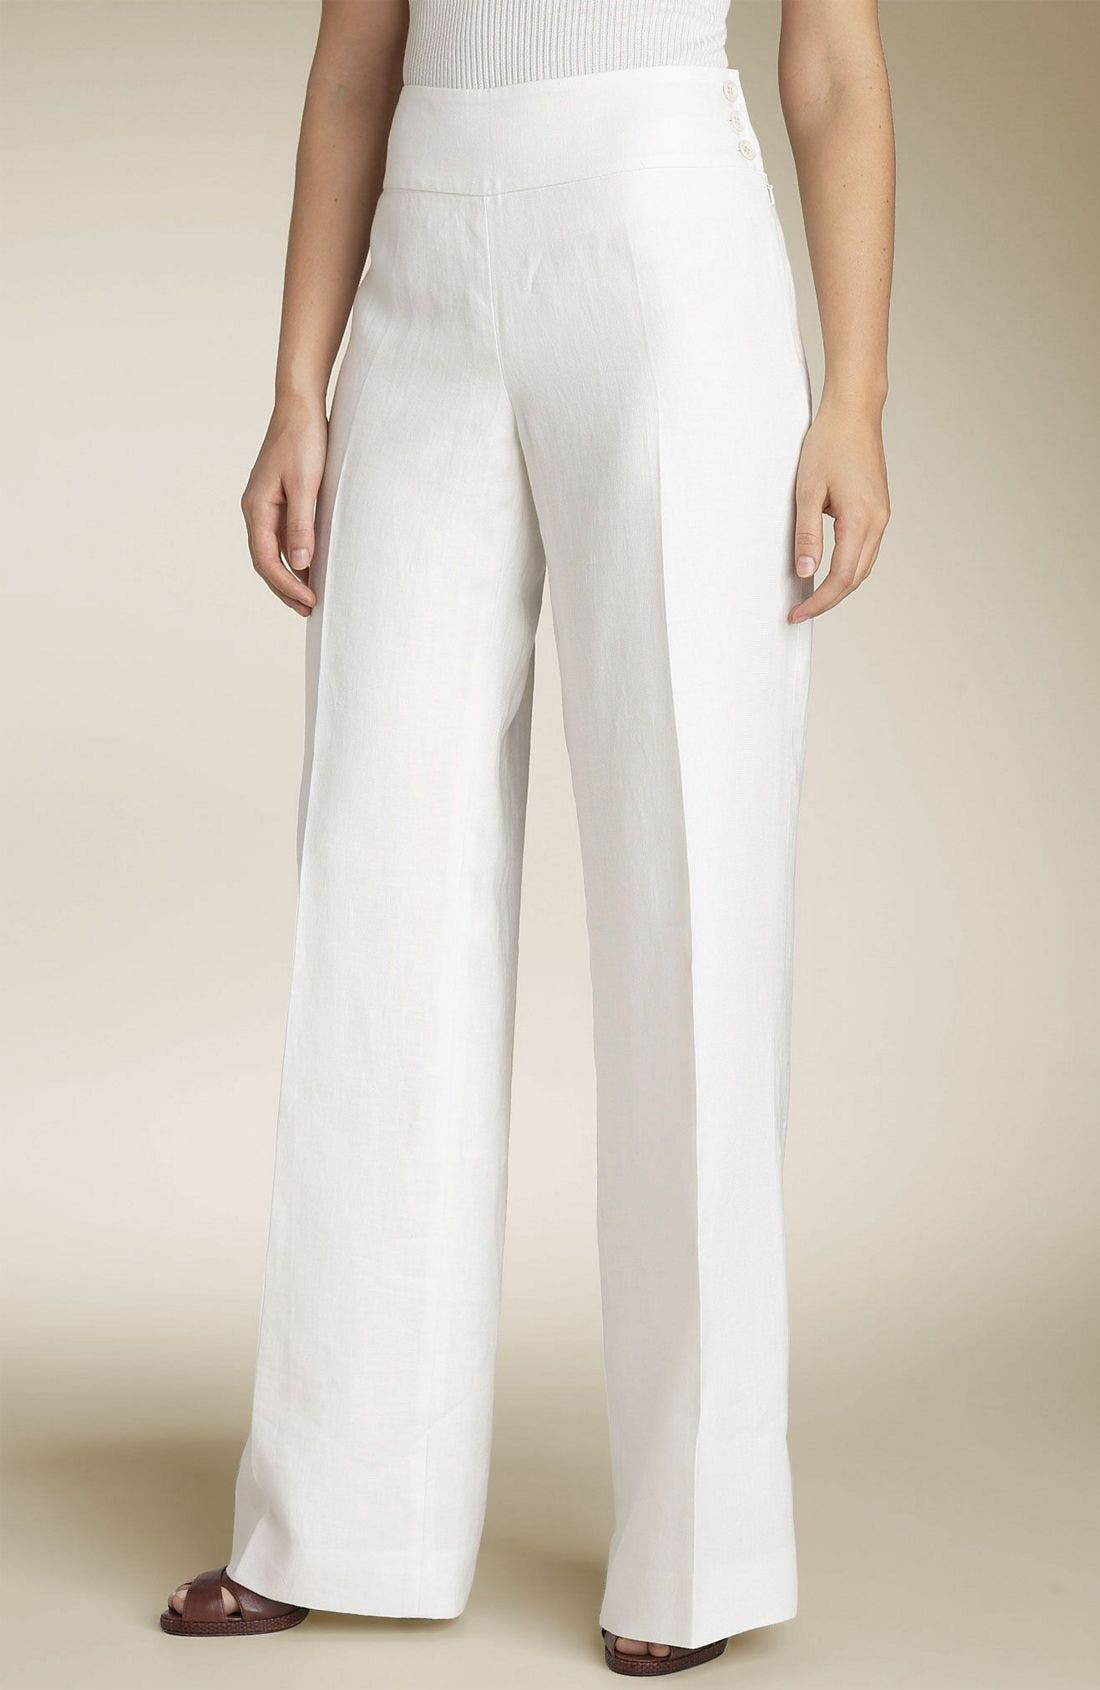 Lauren by Ralph Lauren Linen Pants, Main, color, CCV